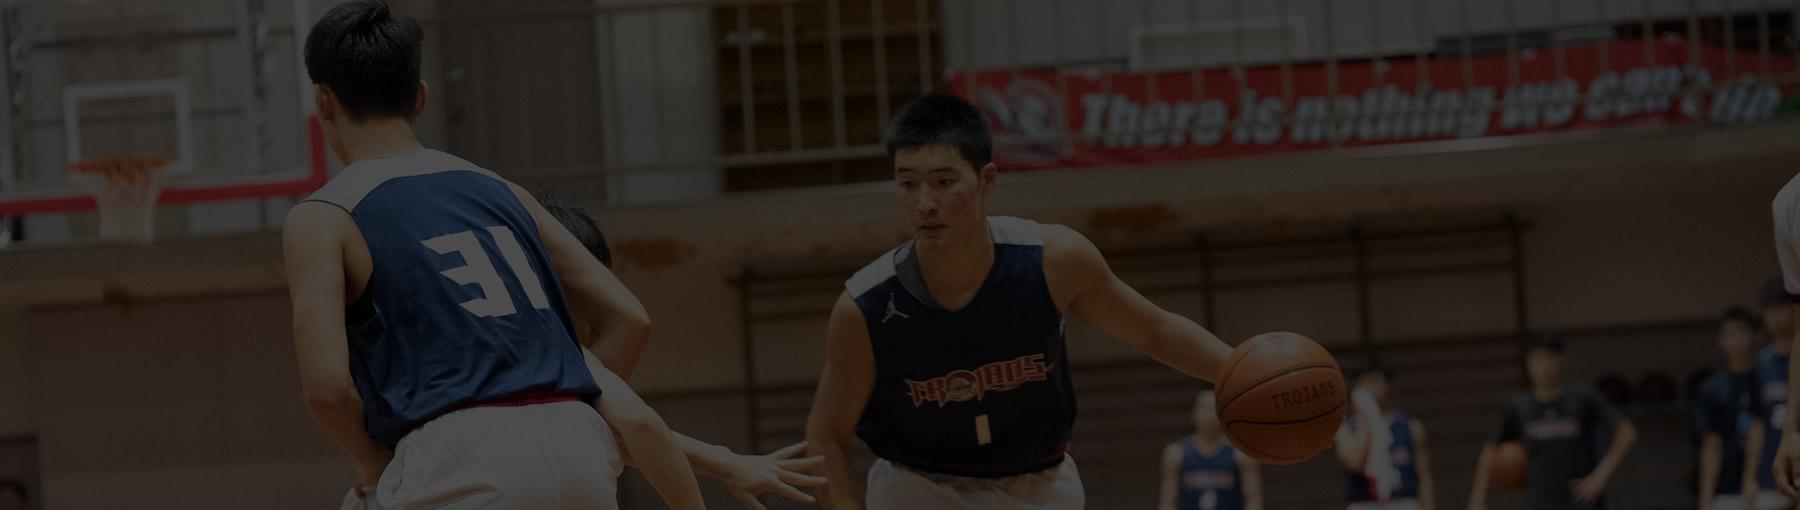 福大大濠トロージャンズ|福岡大学附属大濠高等学校バスケットボール部